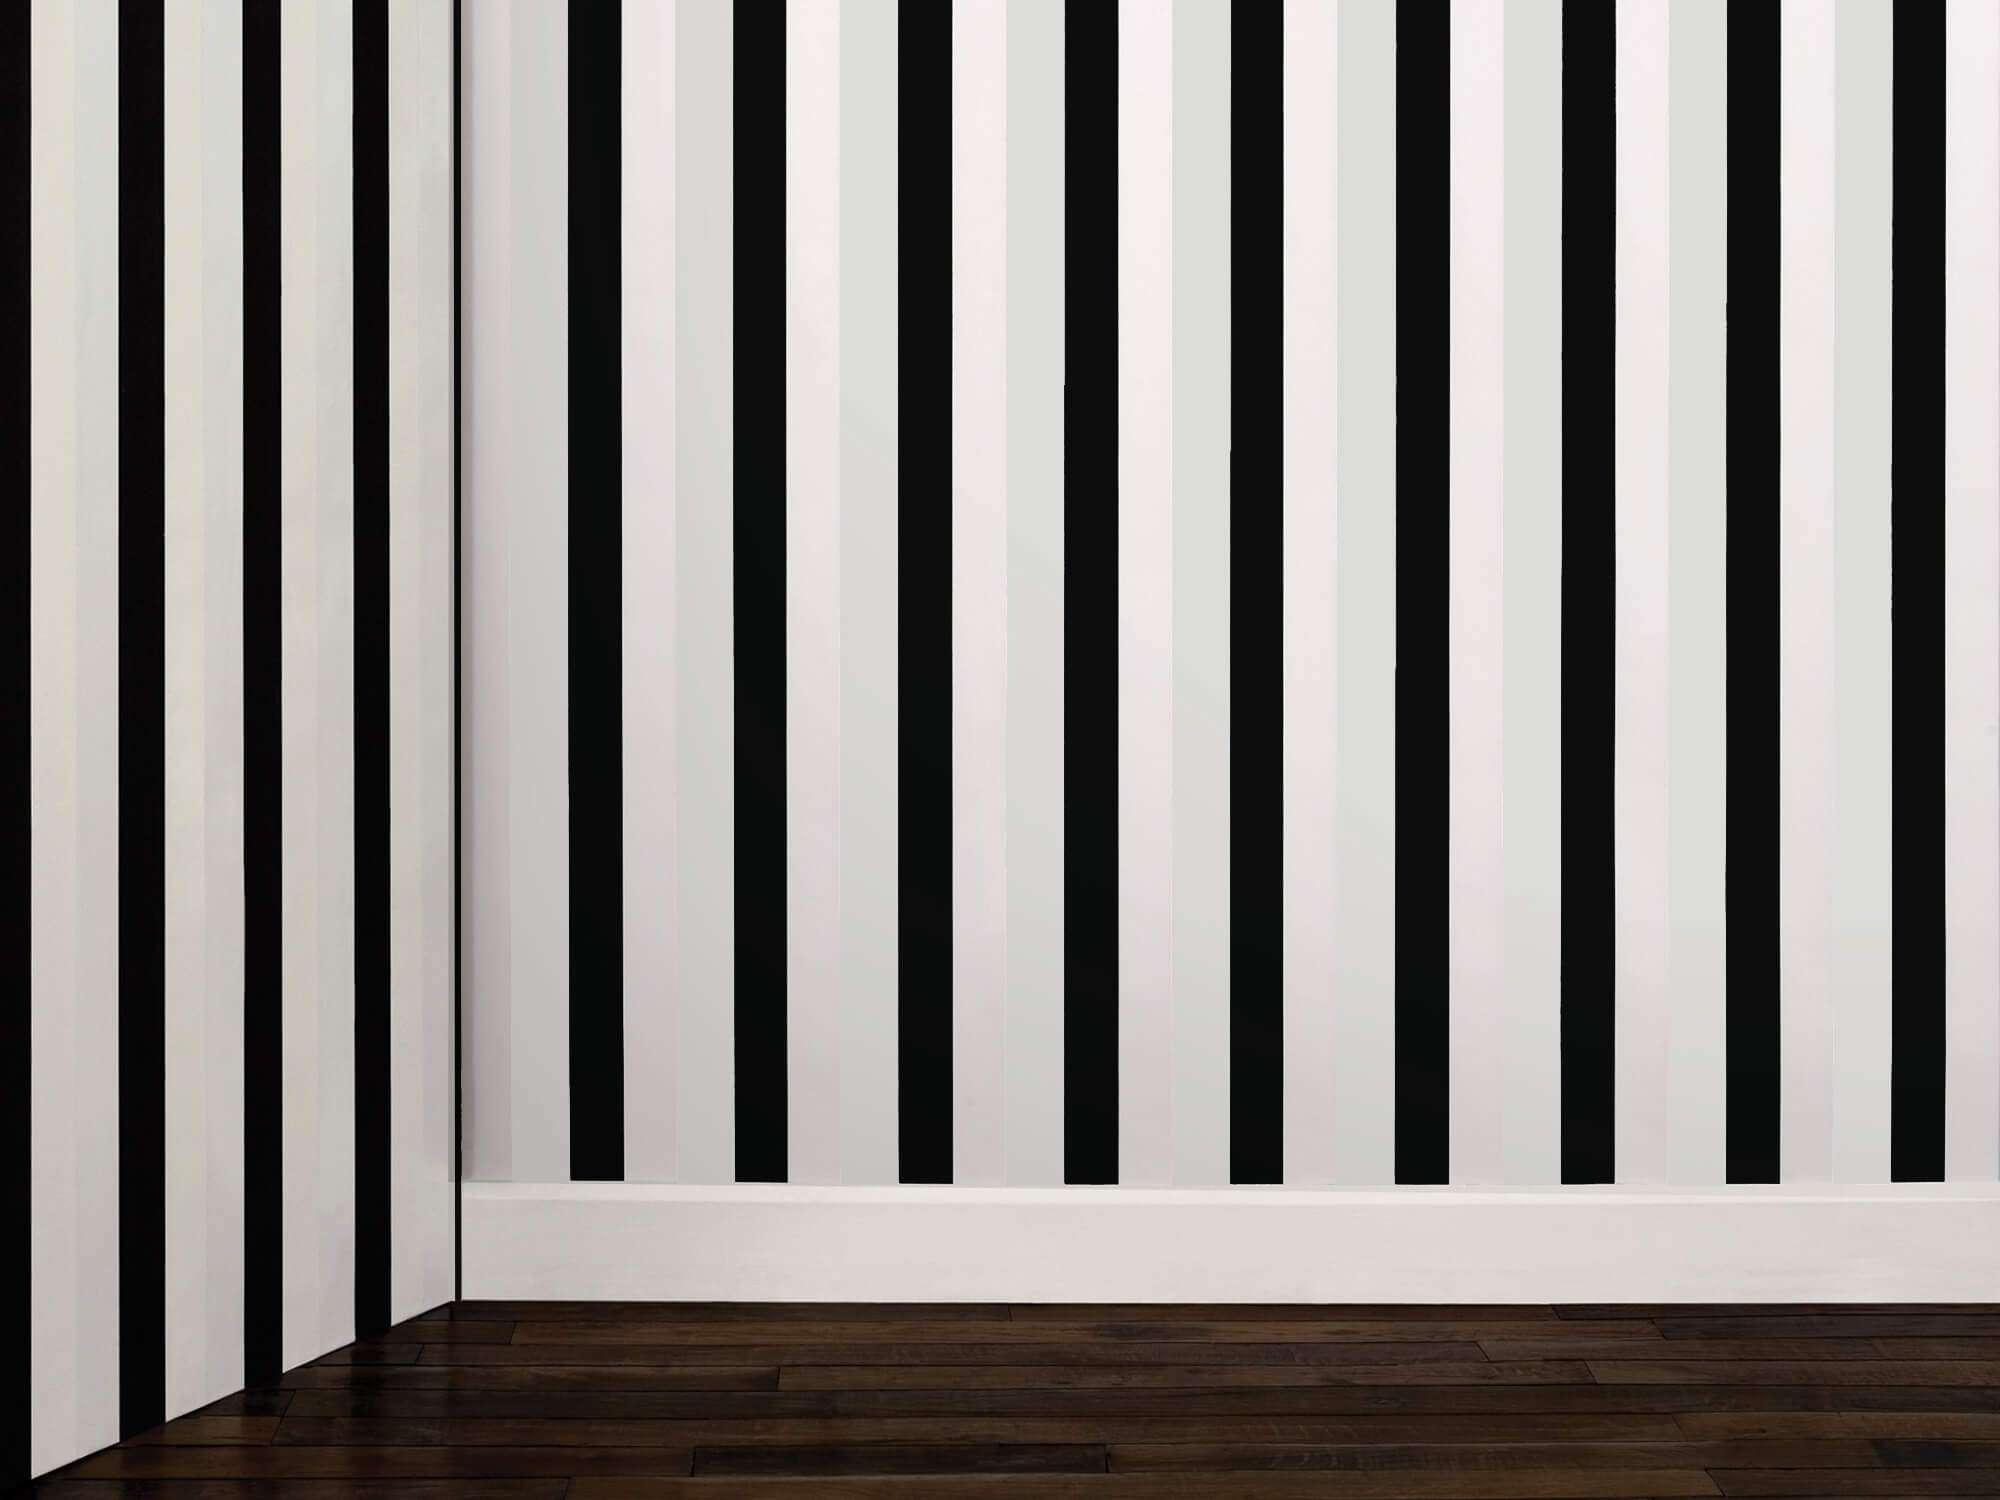 Papier peint à encre phosphorescente, ligne verticale blanche et noir le jour, vert fluo et noir la nuit, design ichetkar